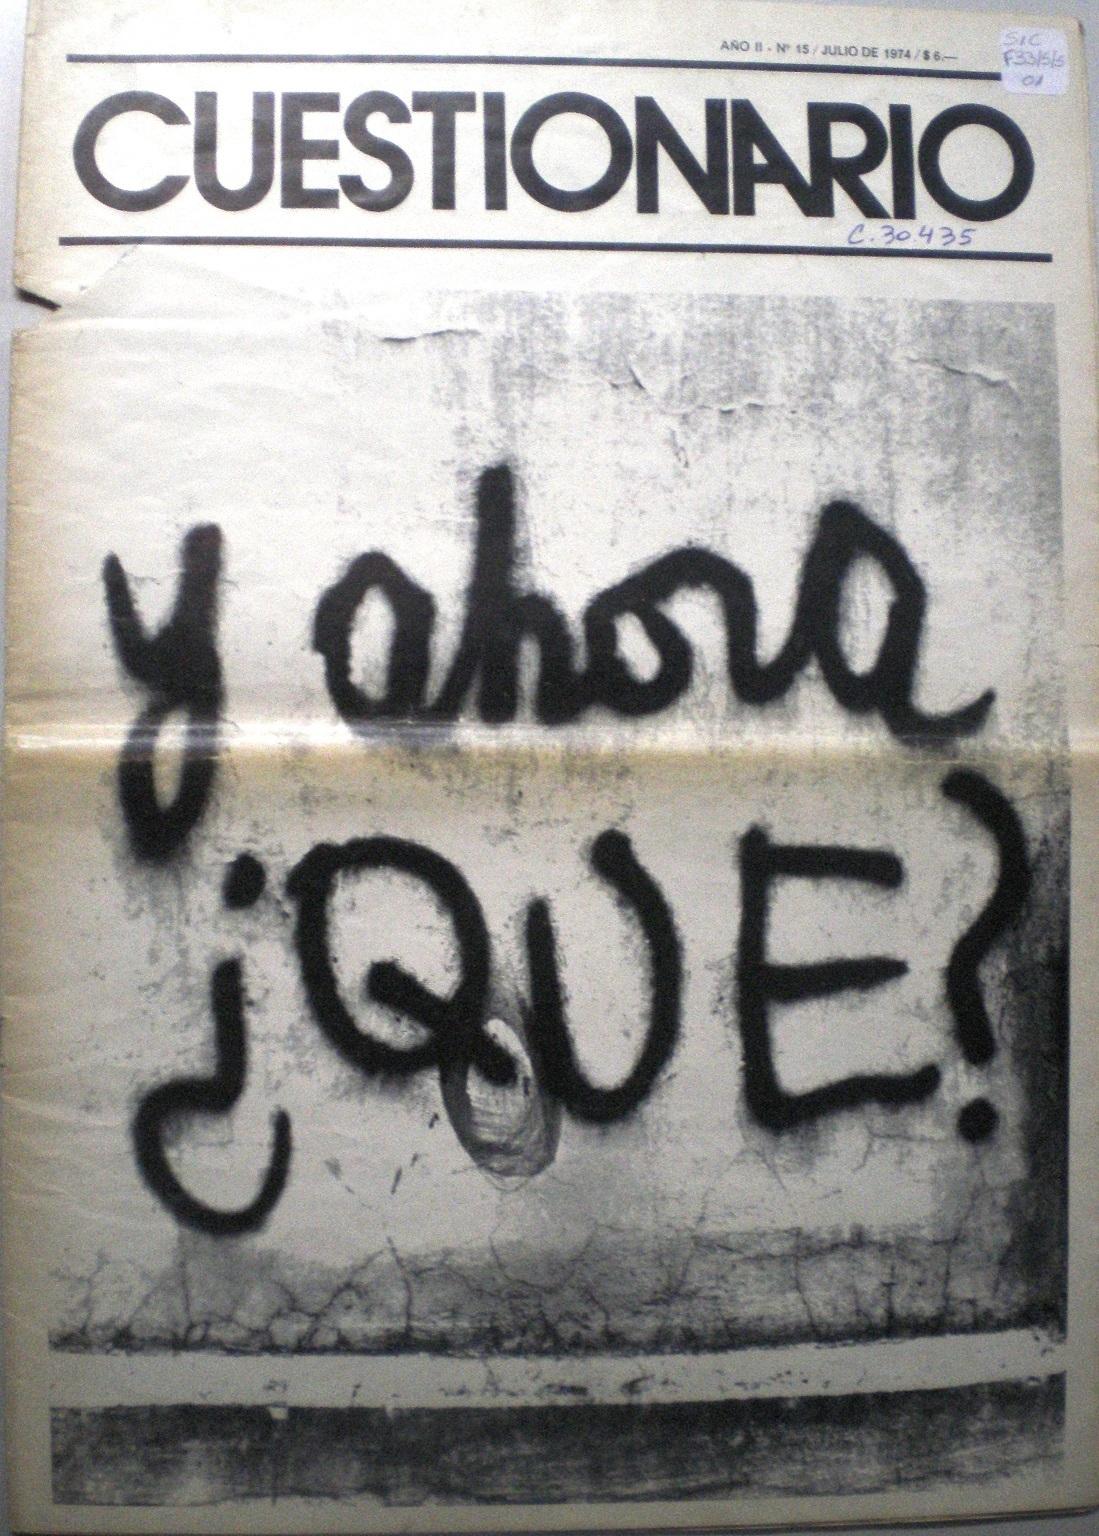 Cuestionario expresa la incertidumbre ante el fallecimiento de Perón (julio de 1974)